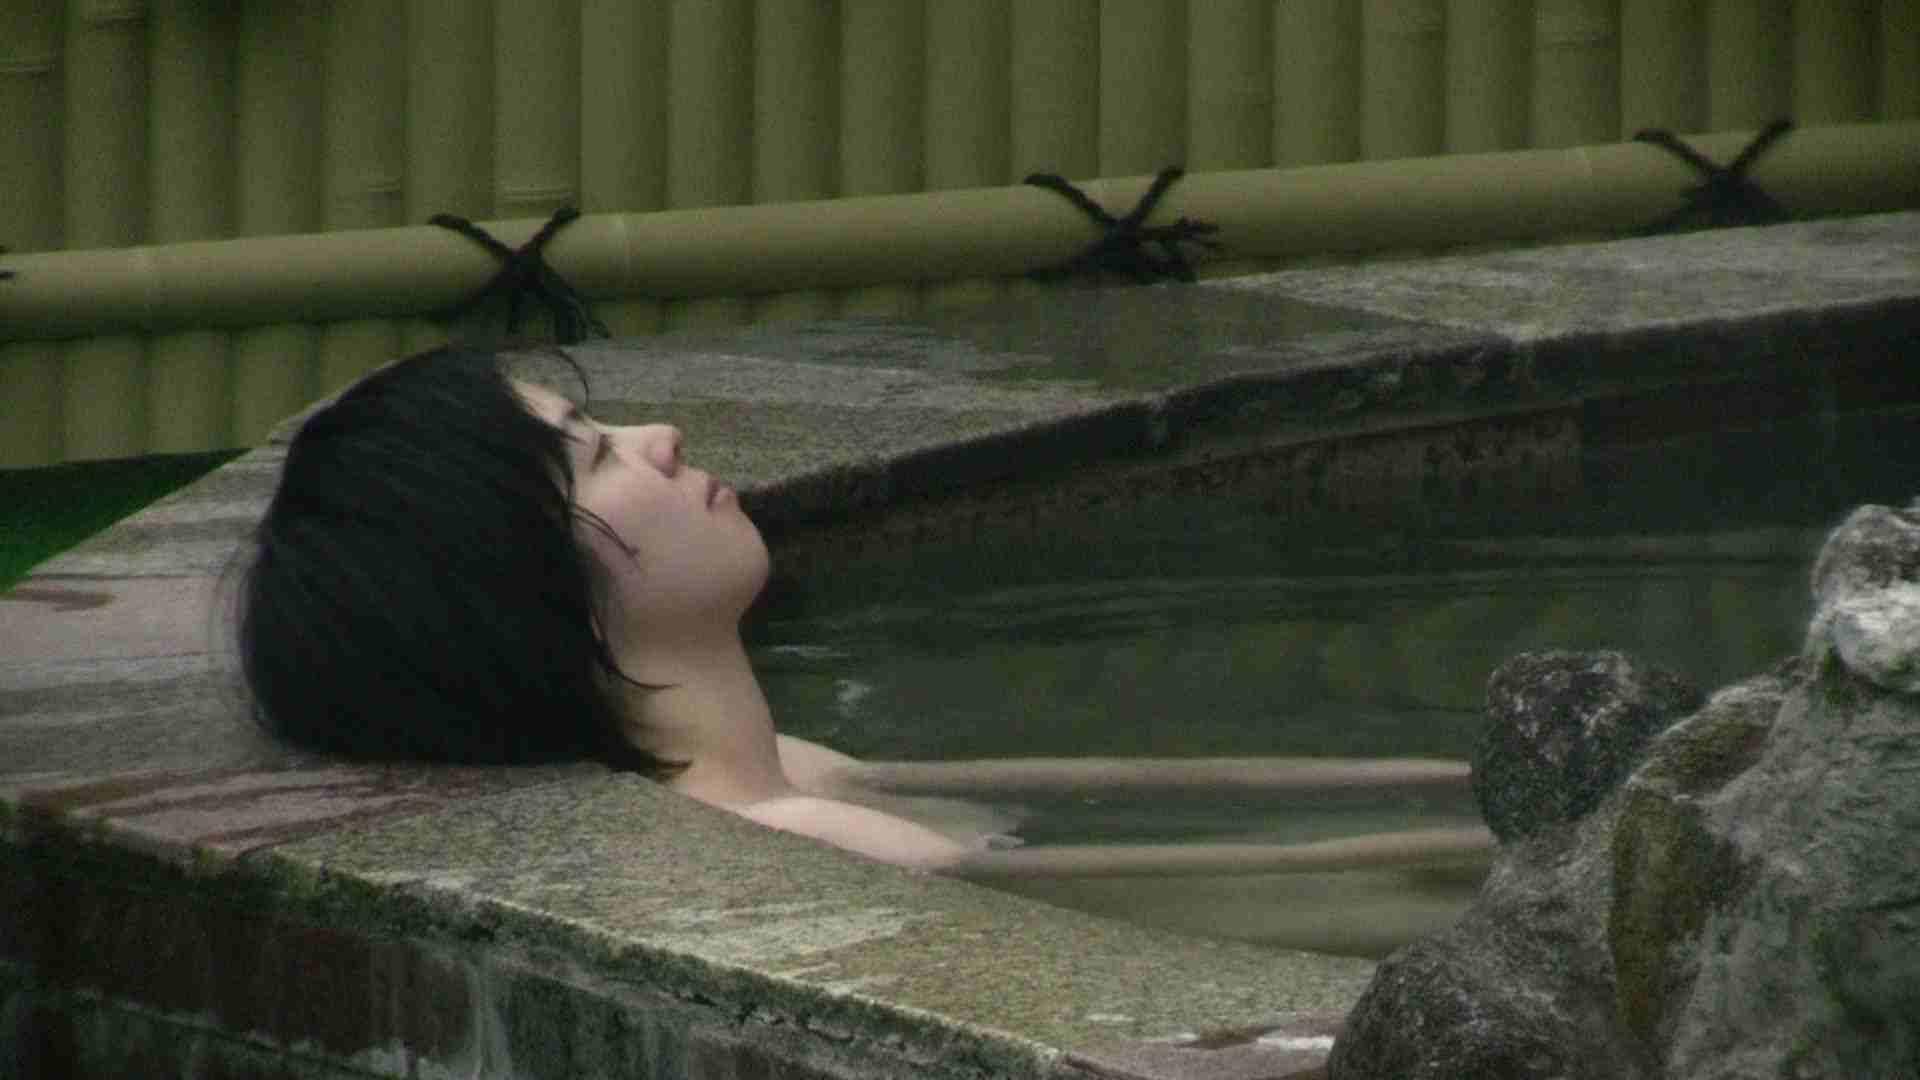 Aquaな露天風呂Vol.685 盗撮シリーズ  95PIX 78